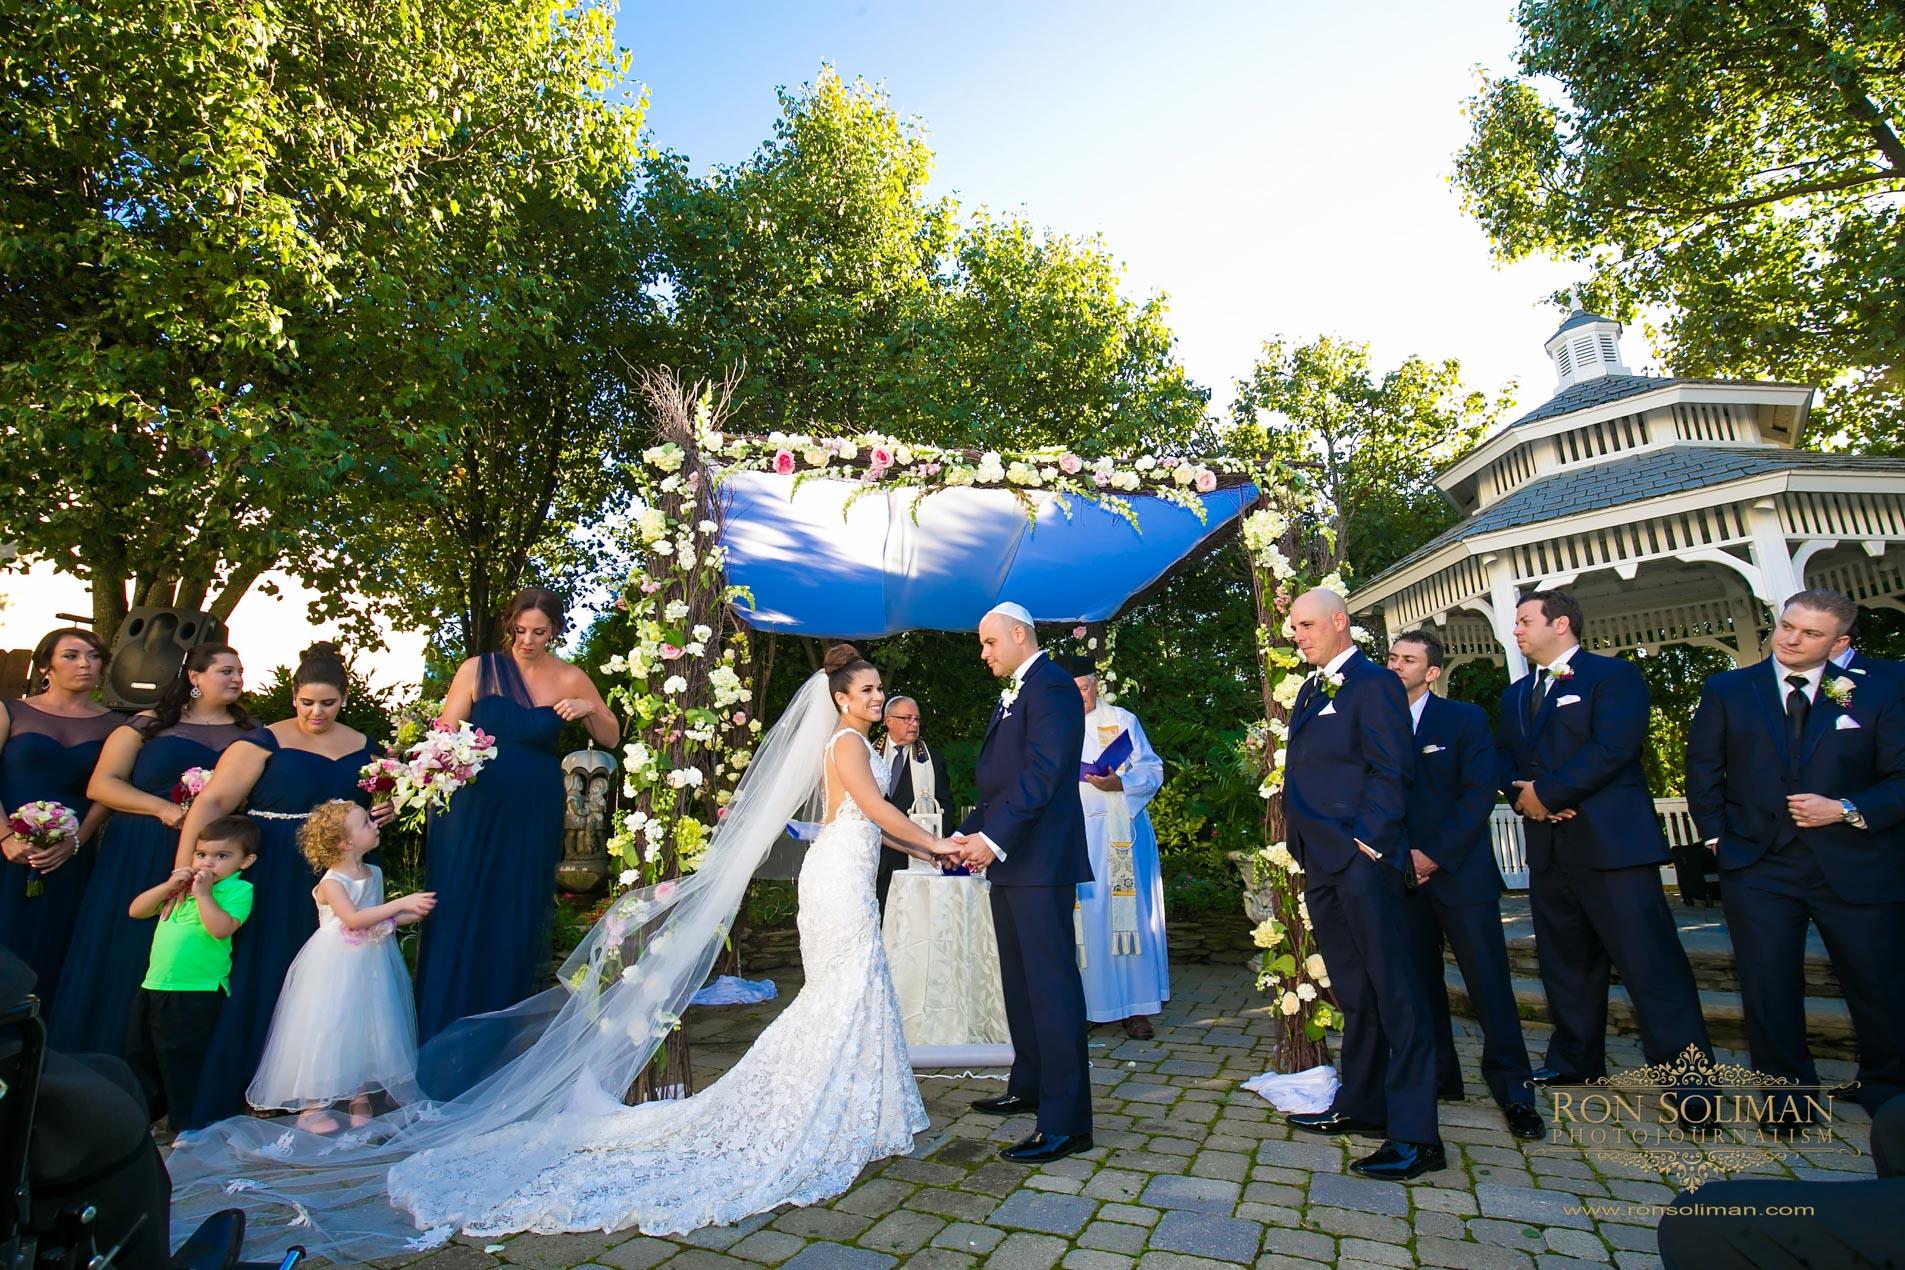 westmount-country-club-wedding-019